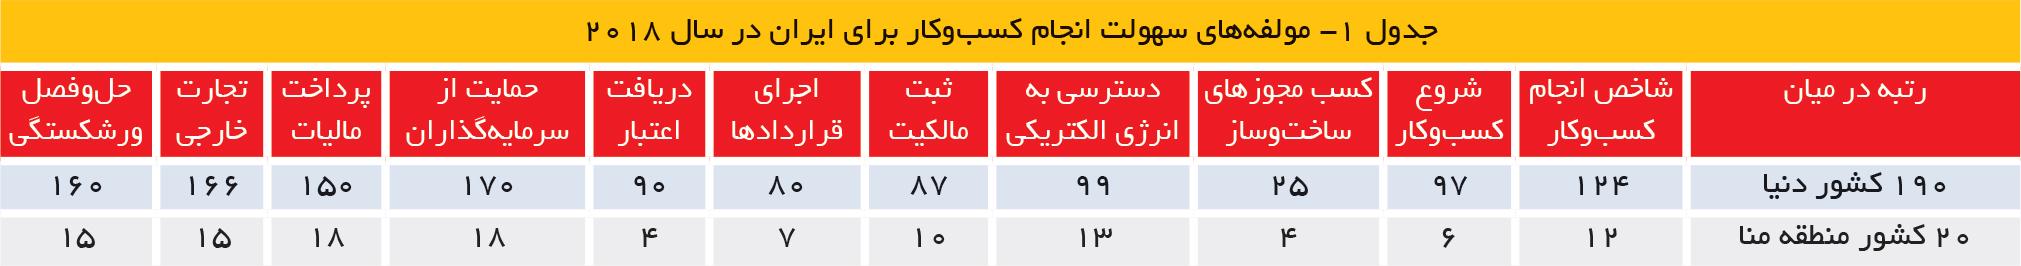 تجارت فردا- جدول 1- مولفههای سهولت انجام کسبوکار برای ایران در سال 2018